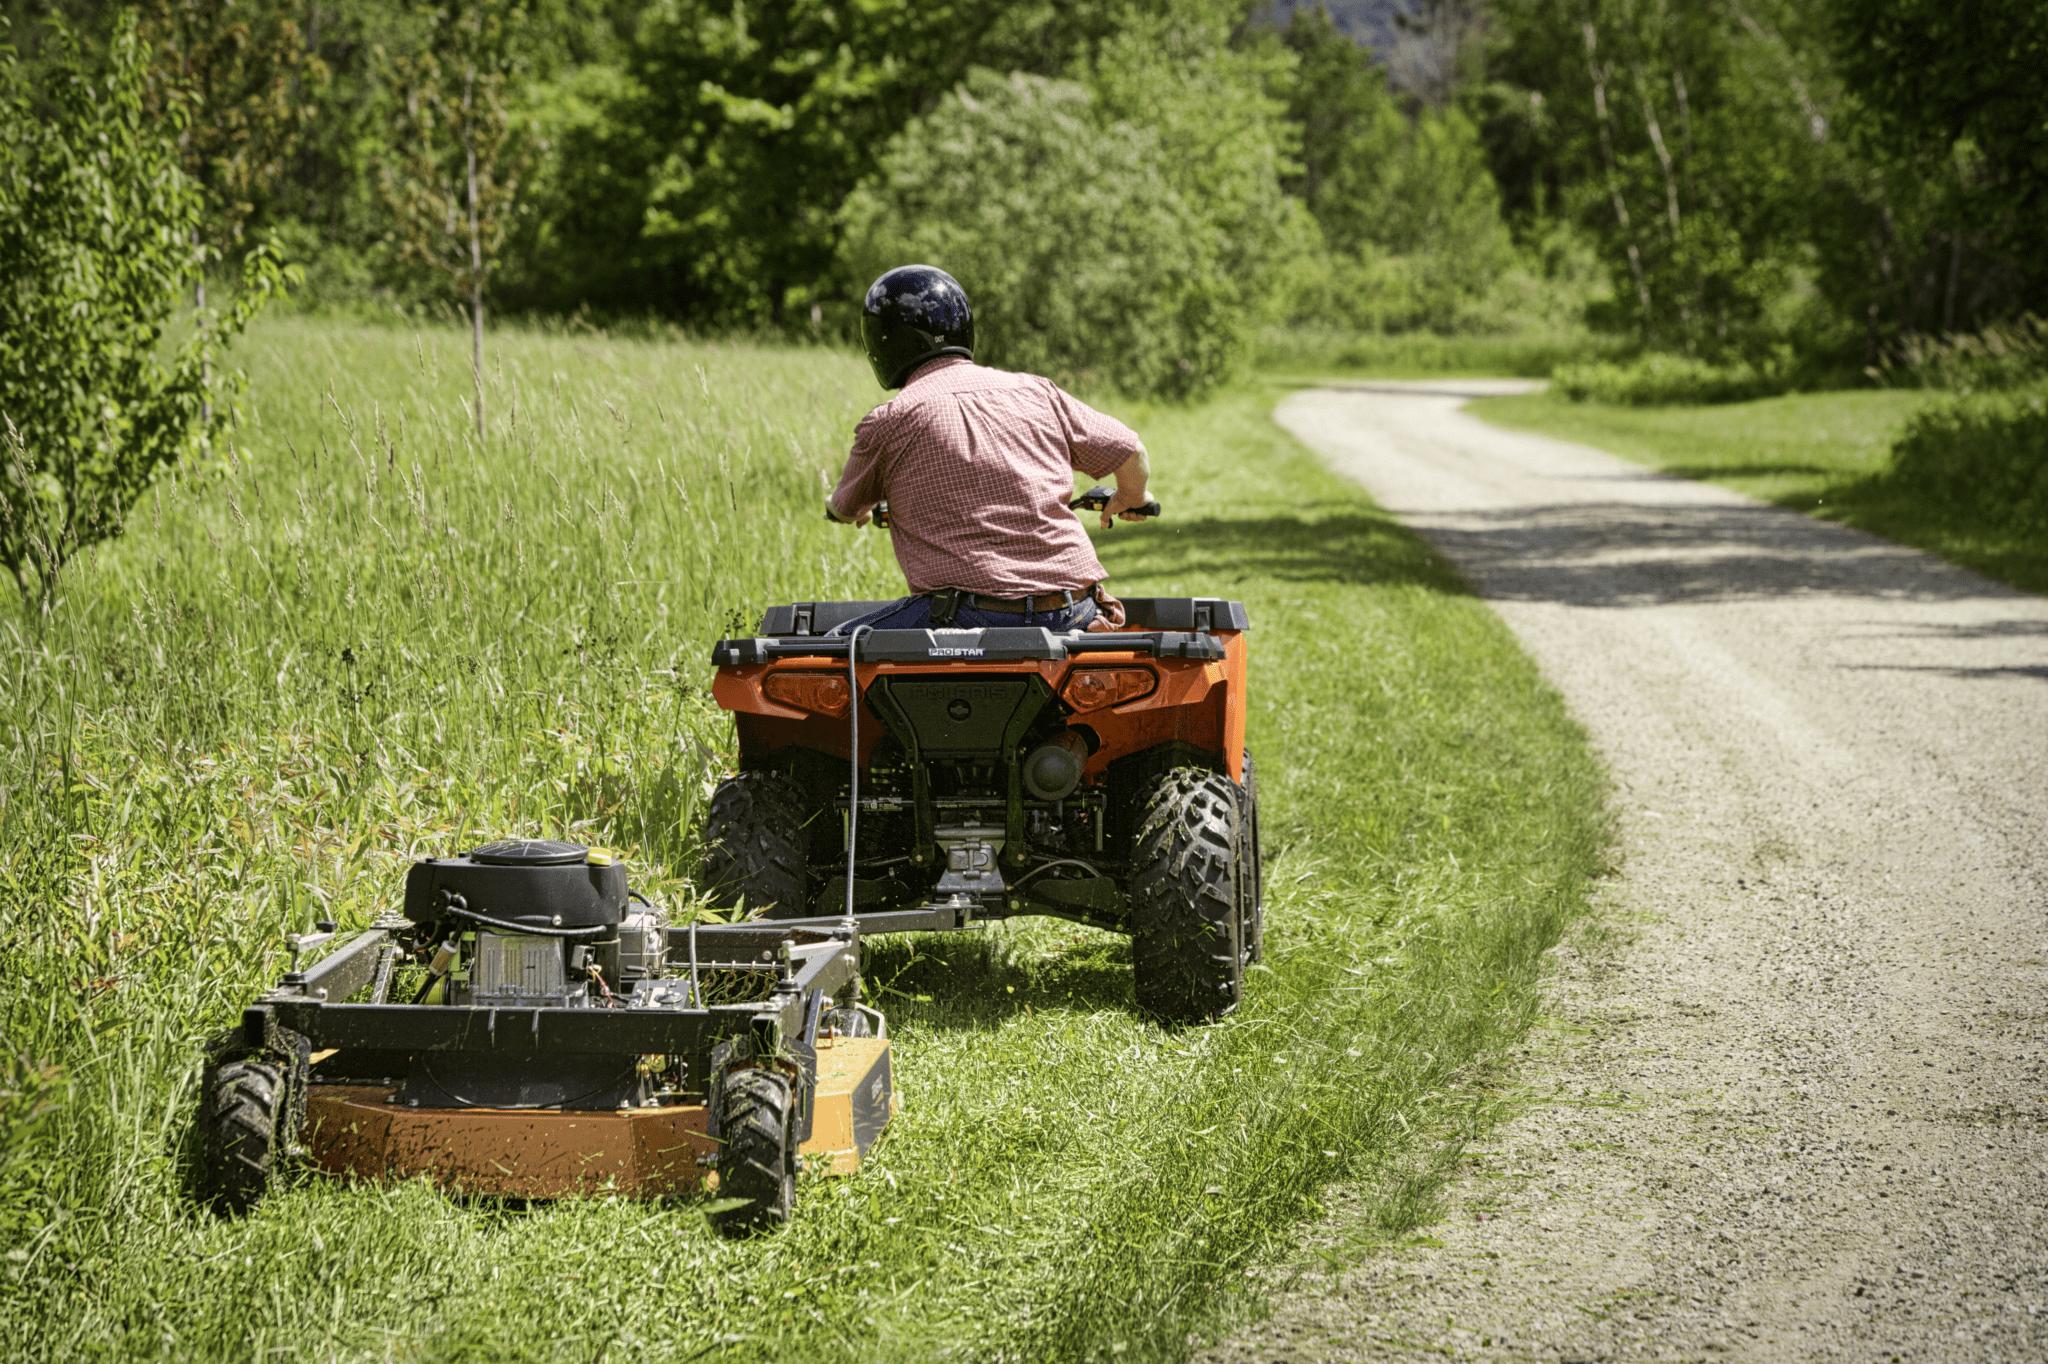 Generac PRO Tow Behind Mower